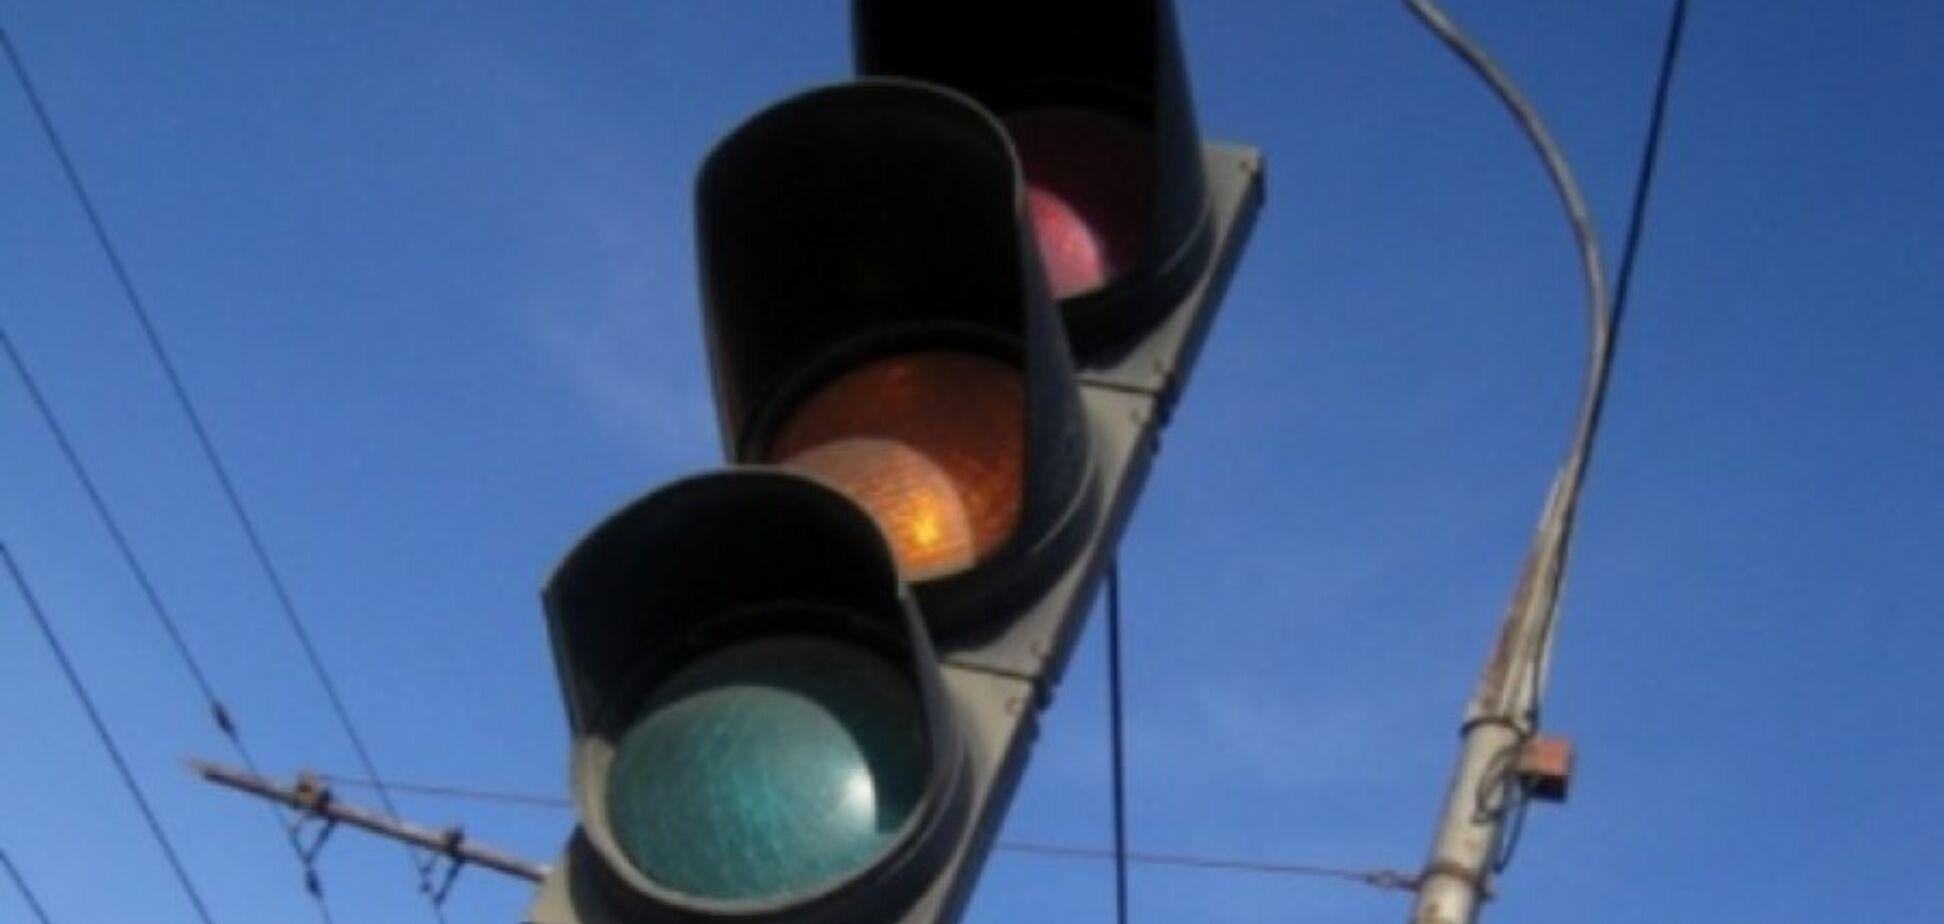 В Украине отменят желтый сигнал светофора? В Кабмине все объяснили